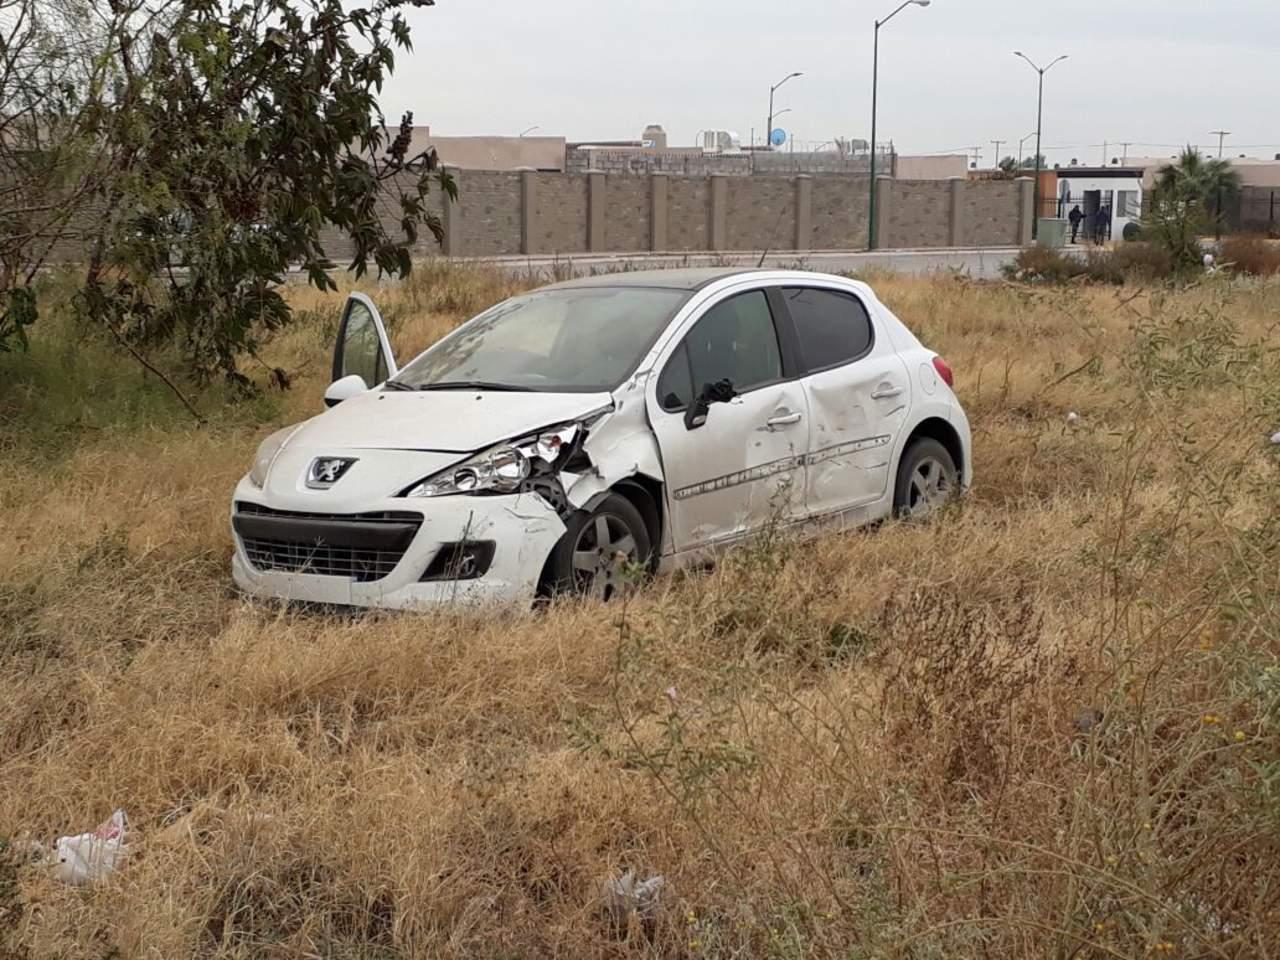 Pareja resulta lesionada tras accidente de moto en Torreón